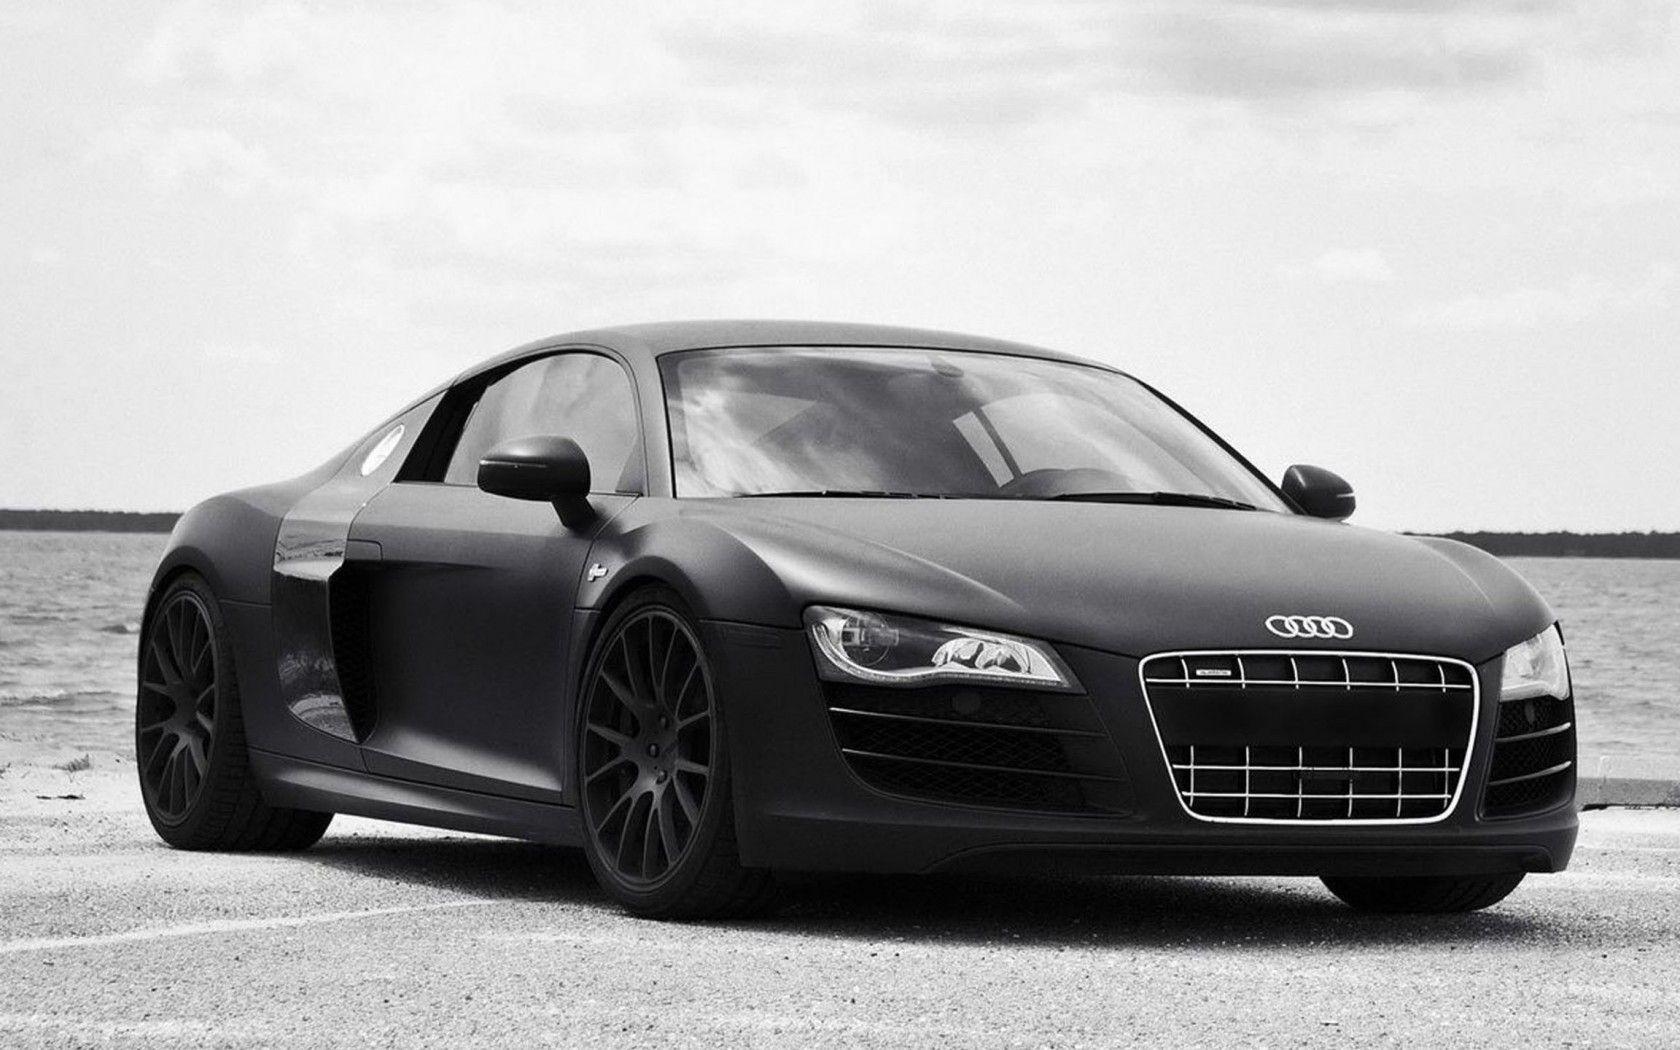 Audi R Black Audi R Pinterest Audi R Black - Black audi r8